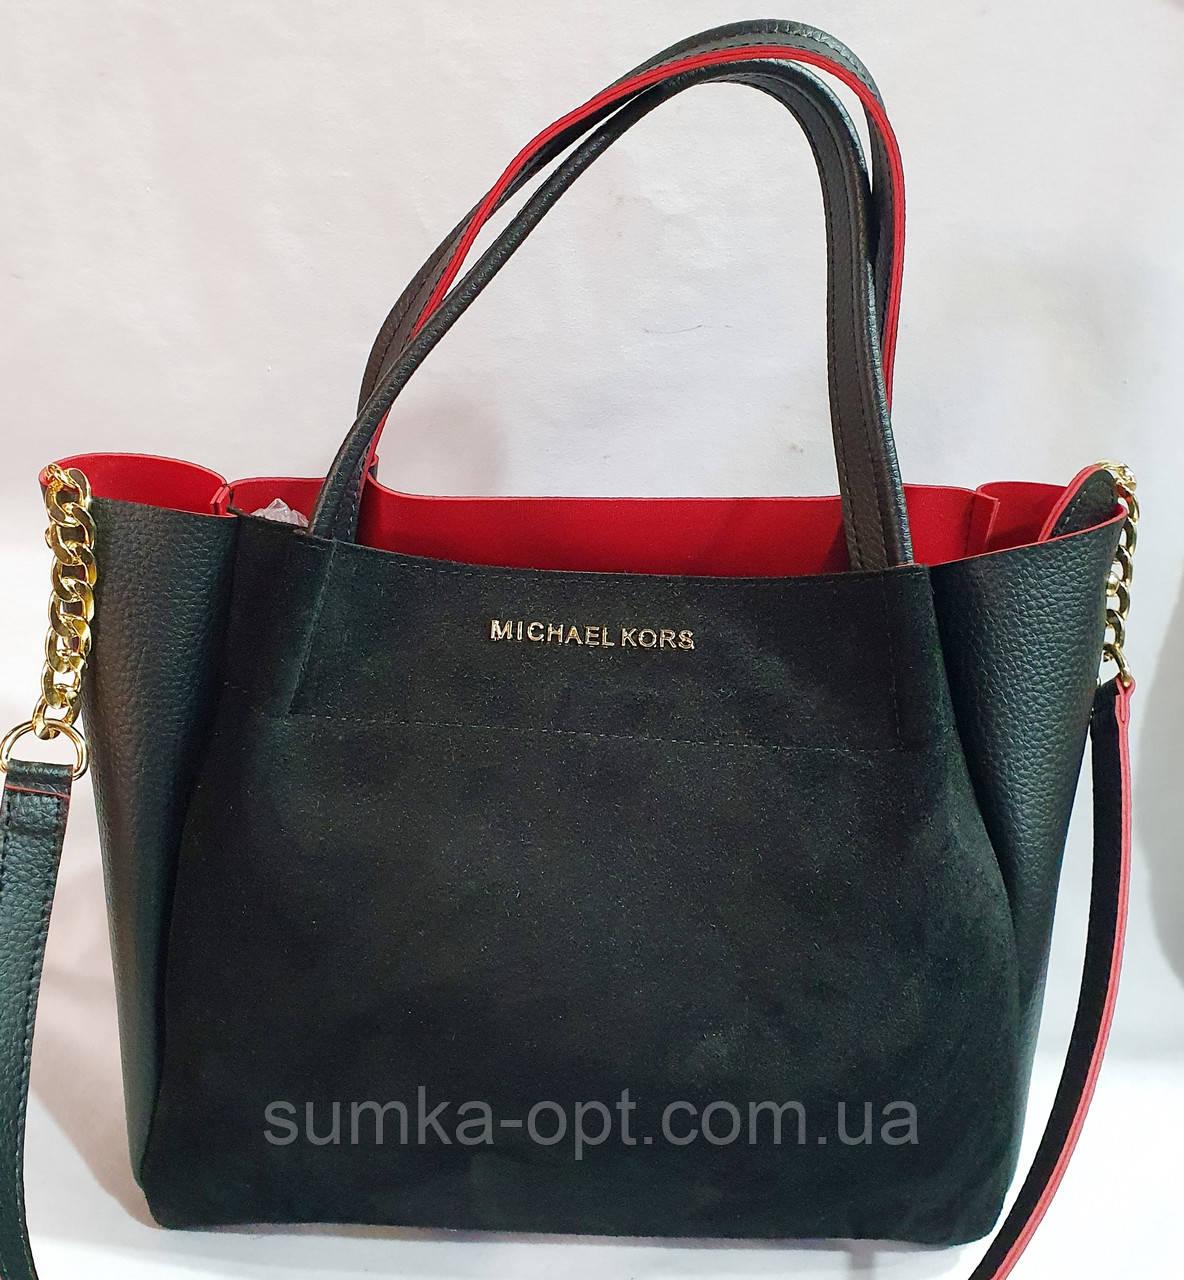 Брендовая женская сумка Michael Kors черно-красная из натуральной замши 29*25 см